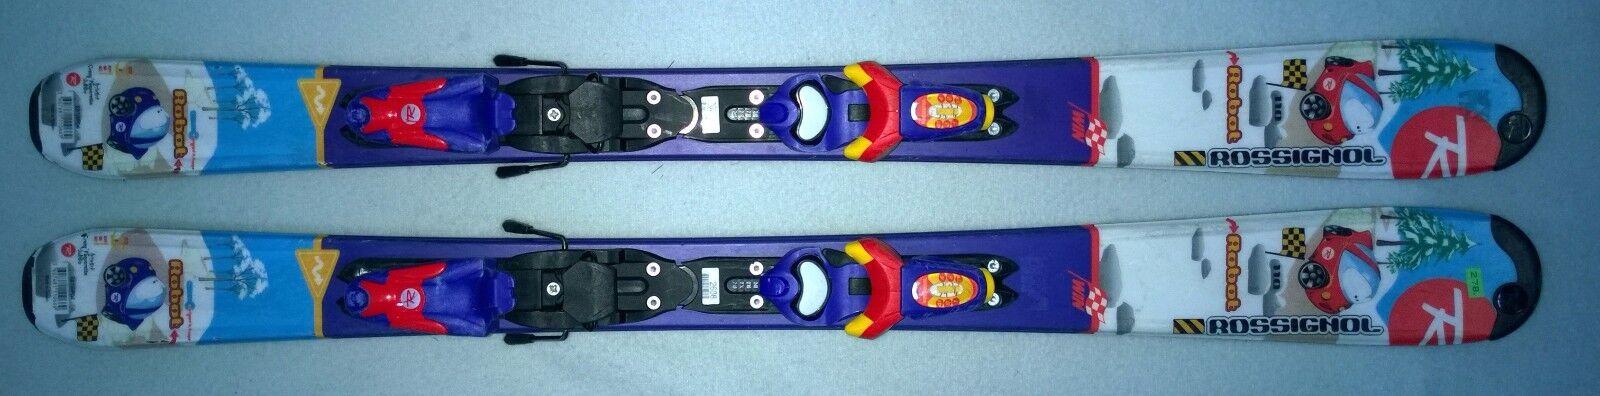 Ski Kinderski  Rossignol robot 110 cm mit mit mit Rrossignol Bindung + Skiservice a76f9f